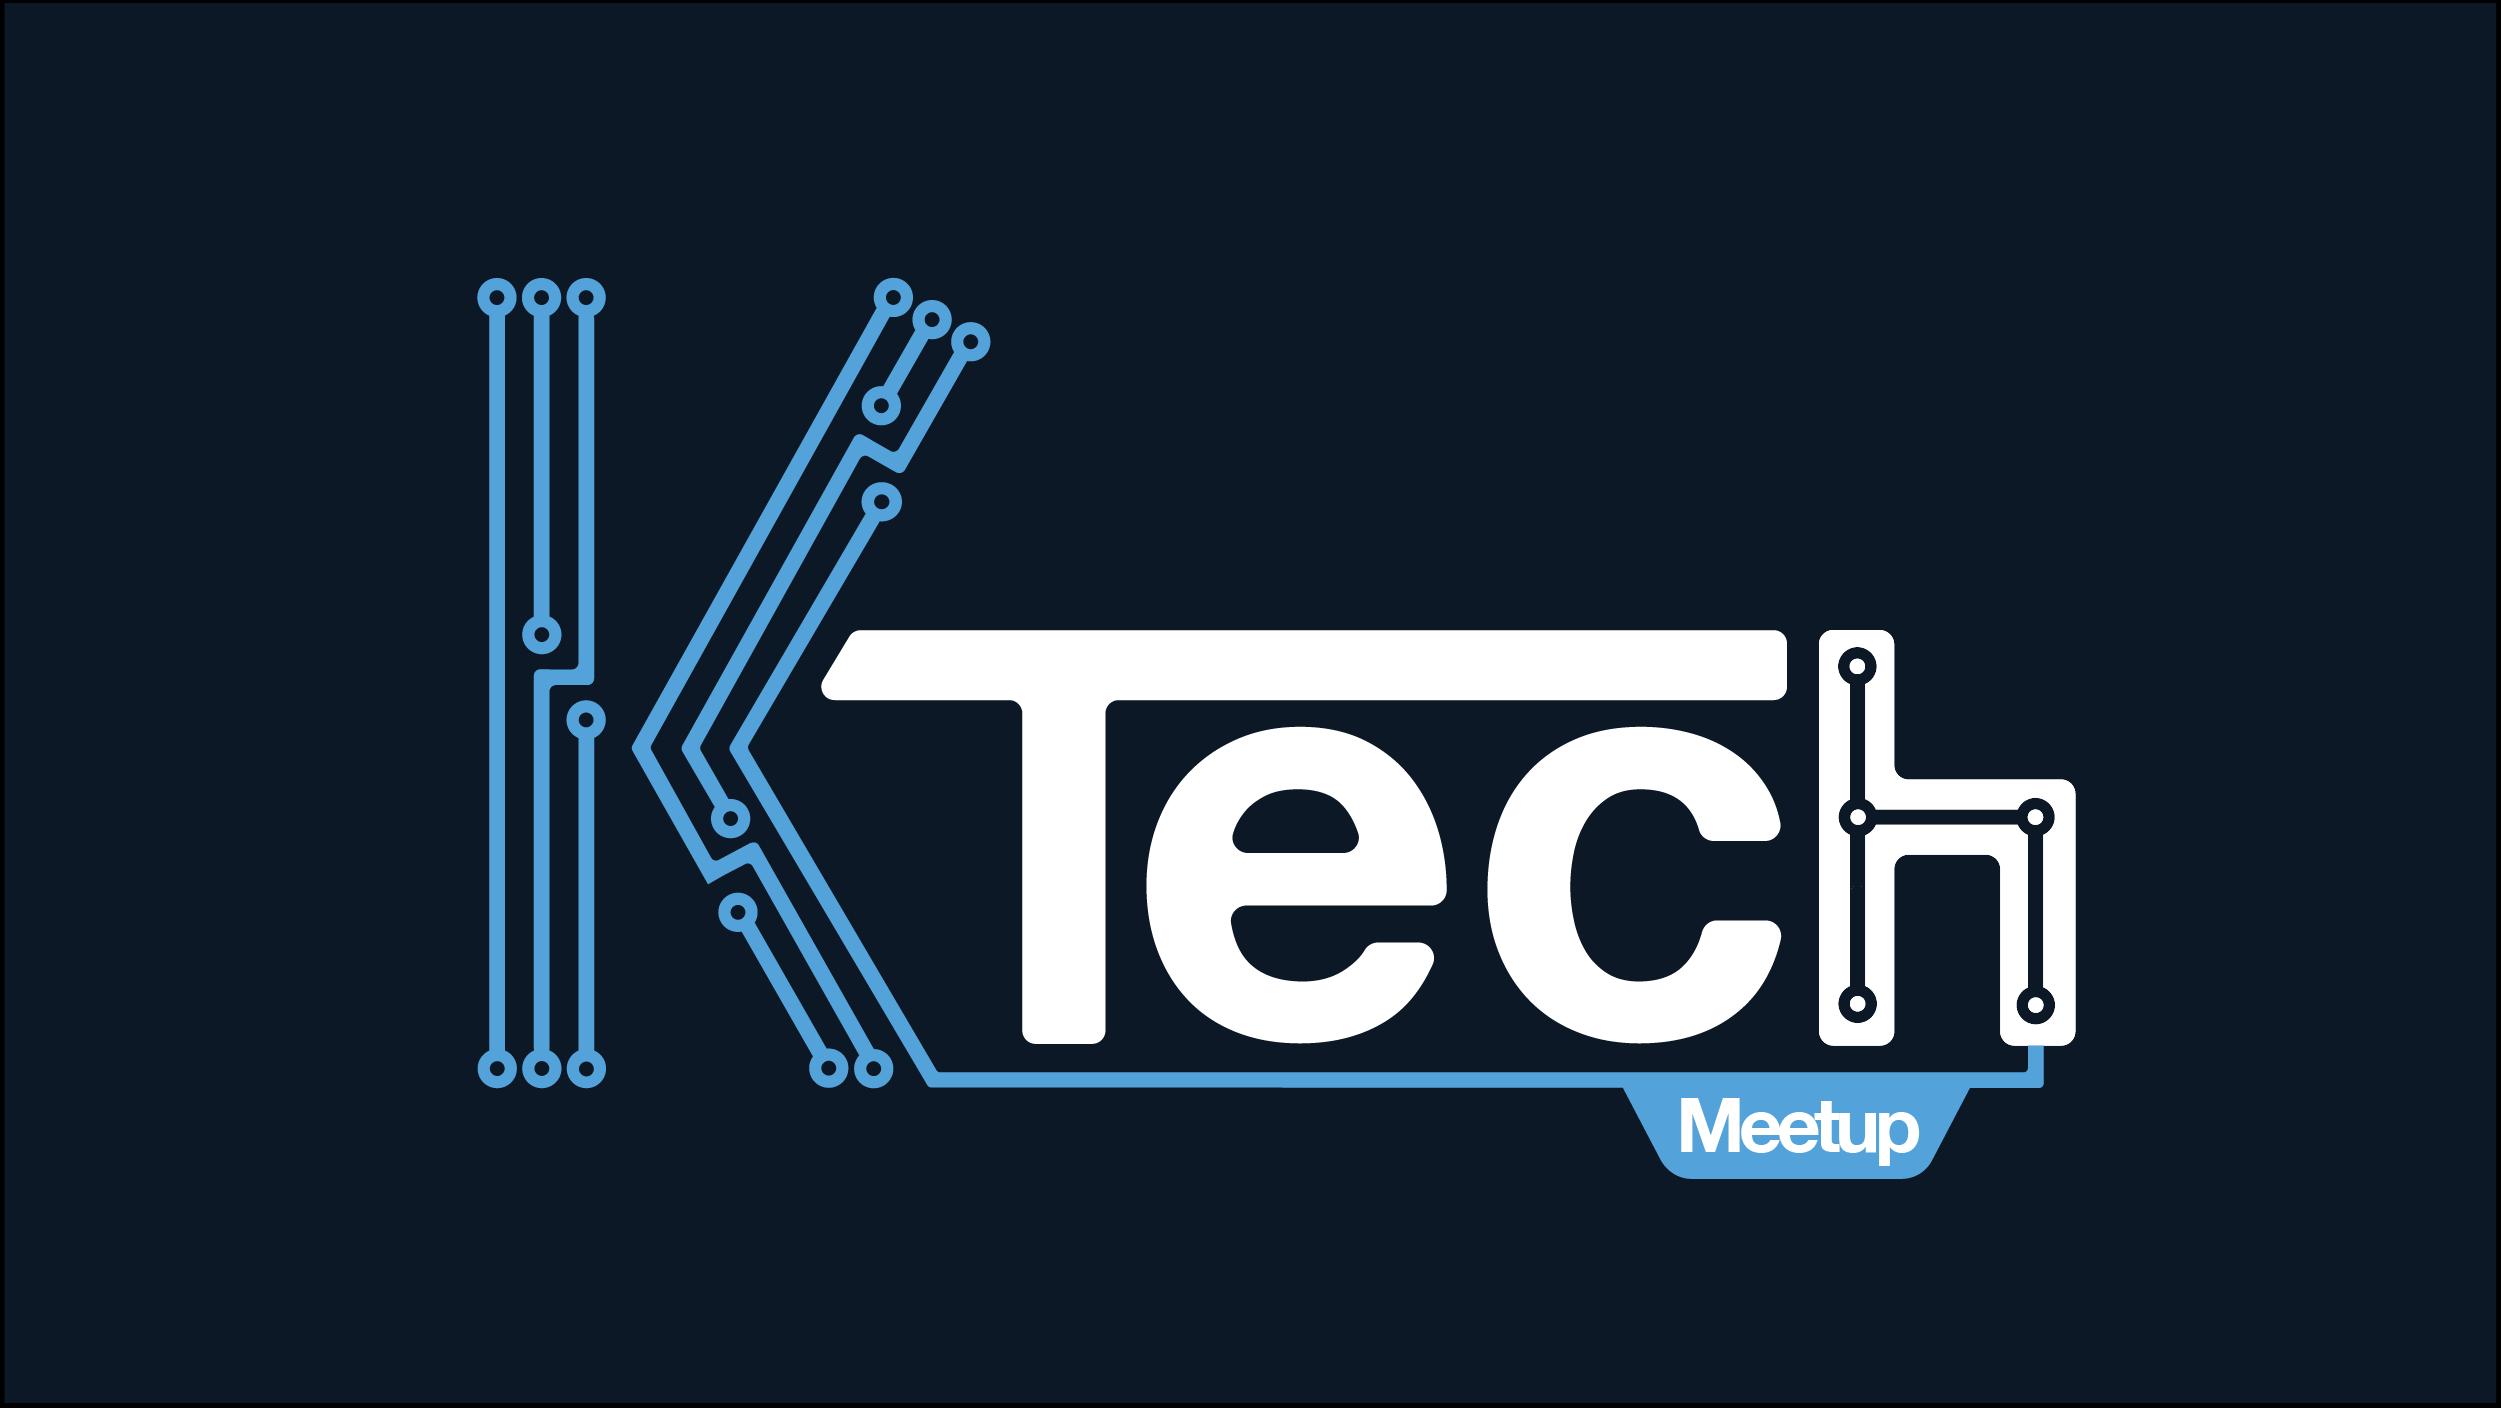 K-Tech Meetup